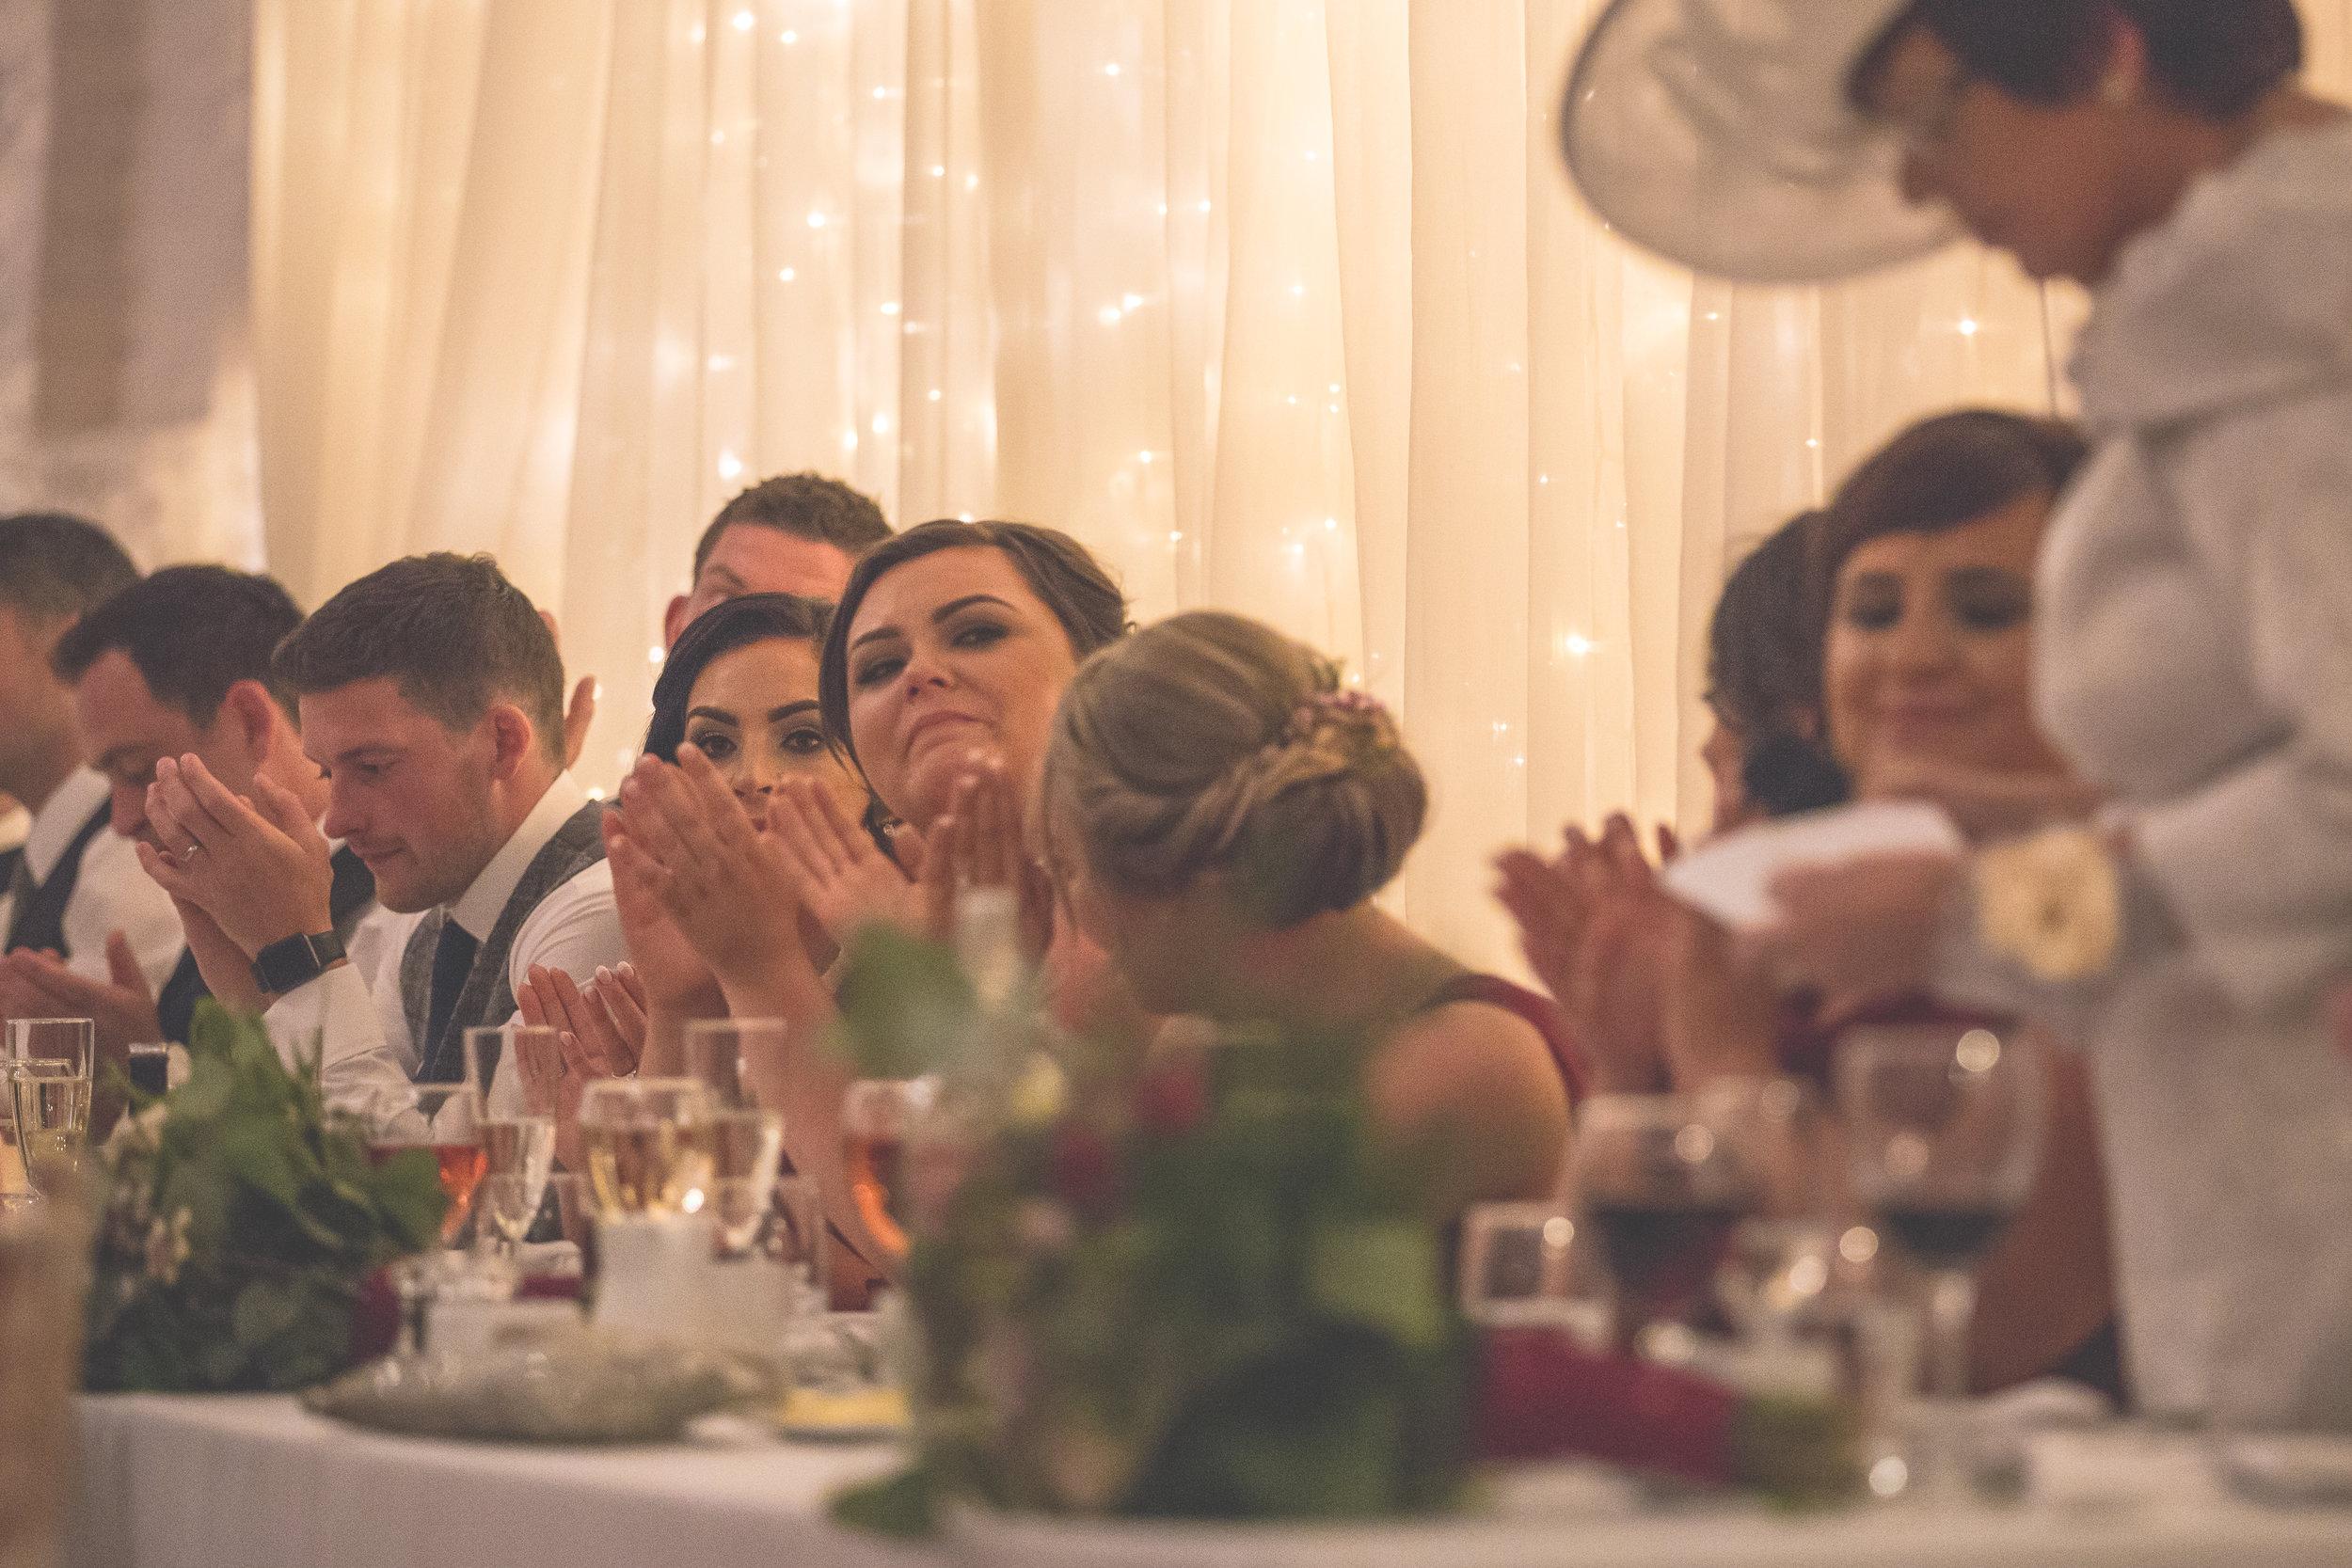 Brian McEwan Wedding Photography | Carol-Anne & Sean | The Speeches-62.jpg